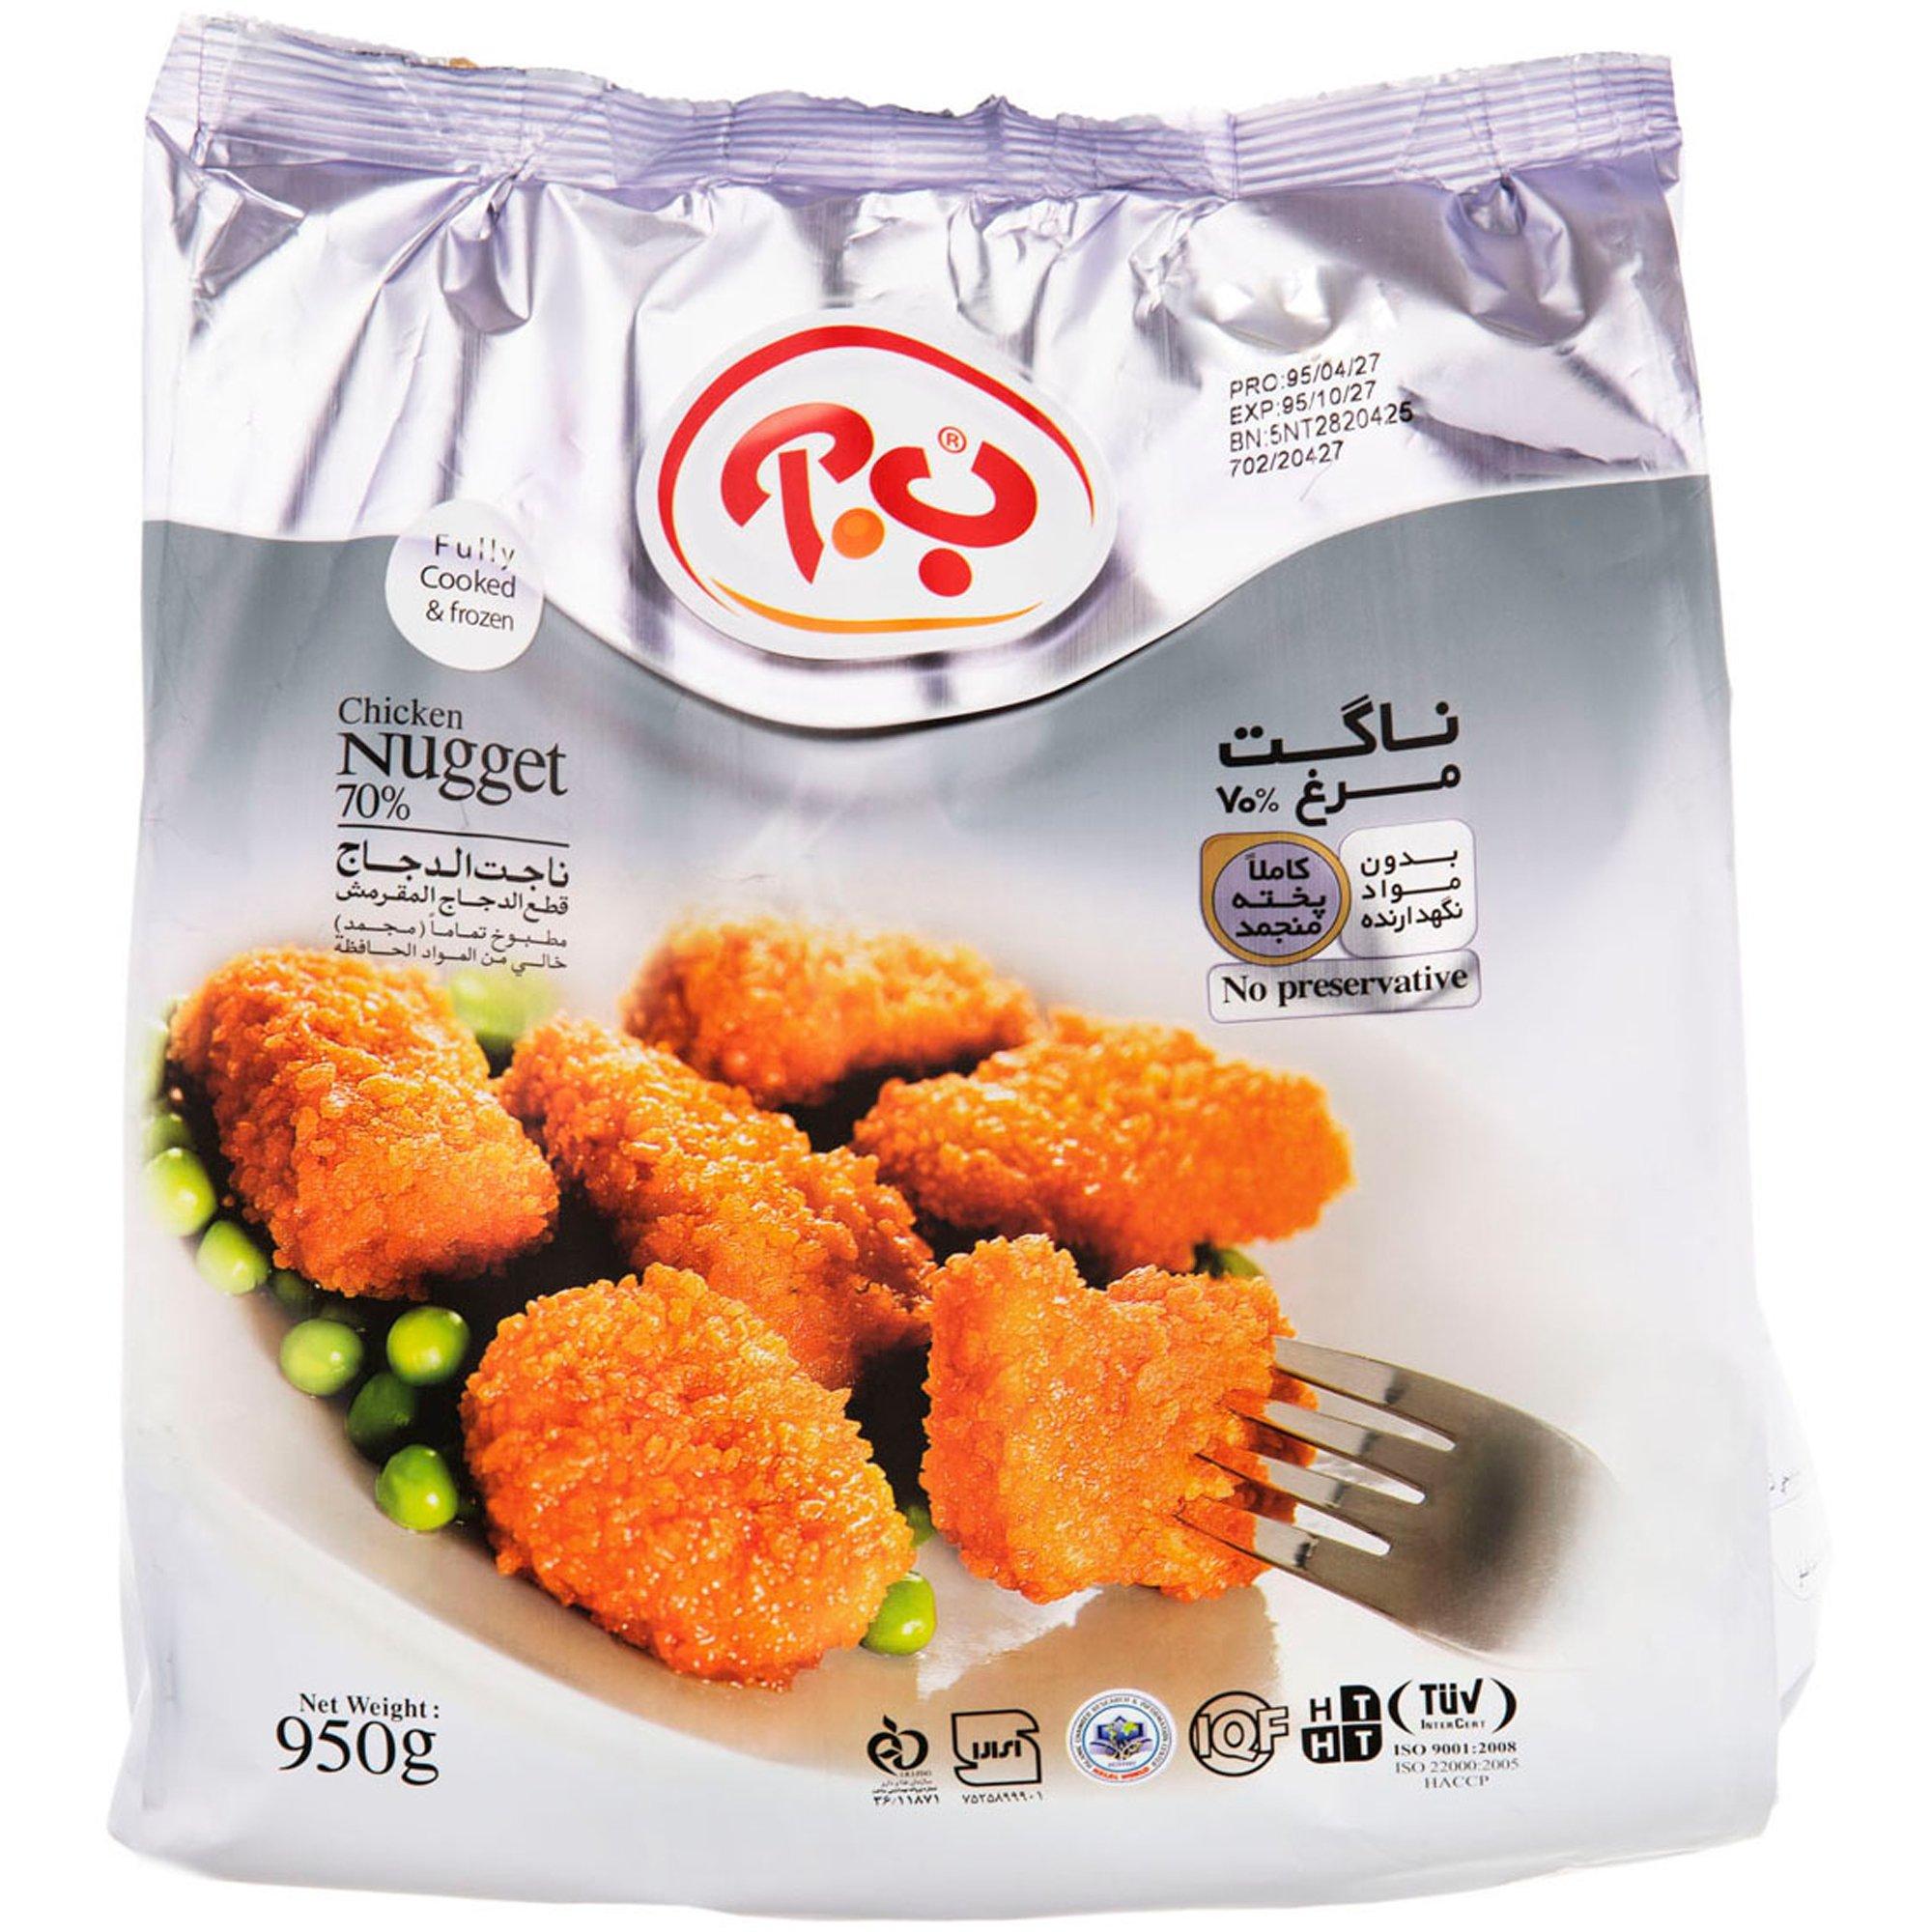 ناگت مرغ ۷۰% کاملا پخته ب.آ ۹۵۰ گرمی